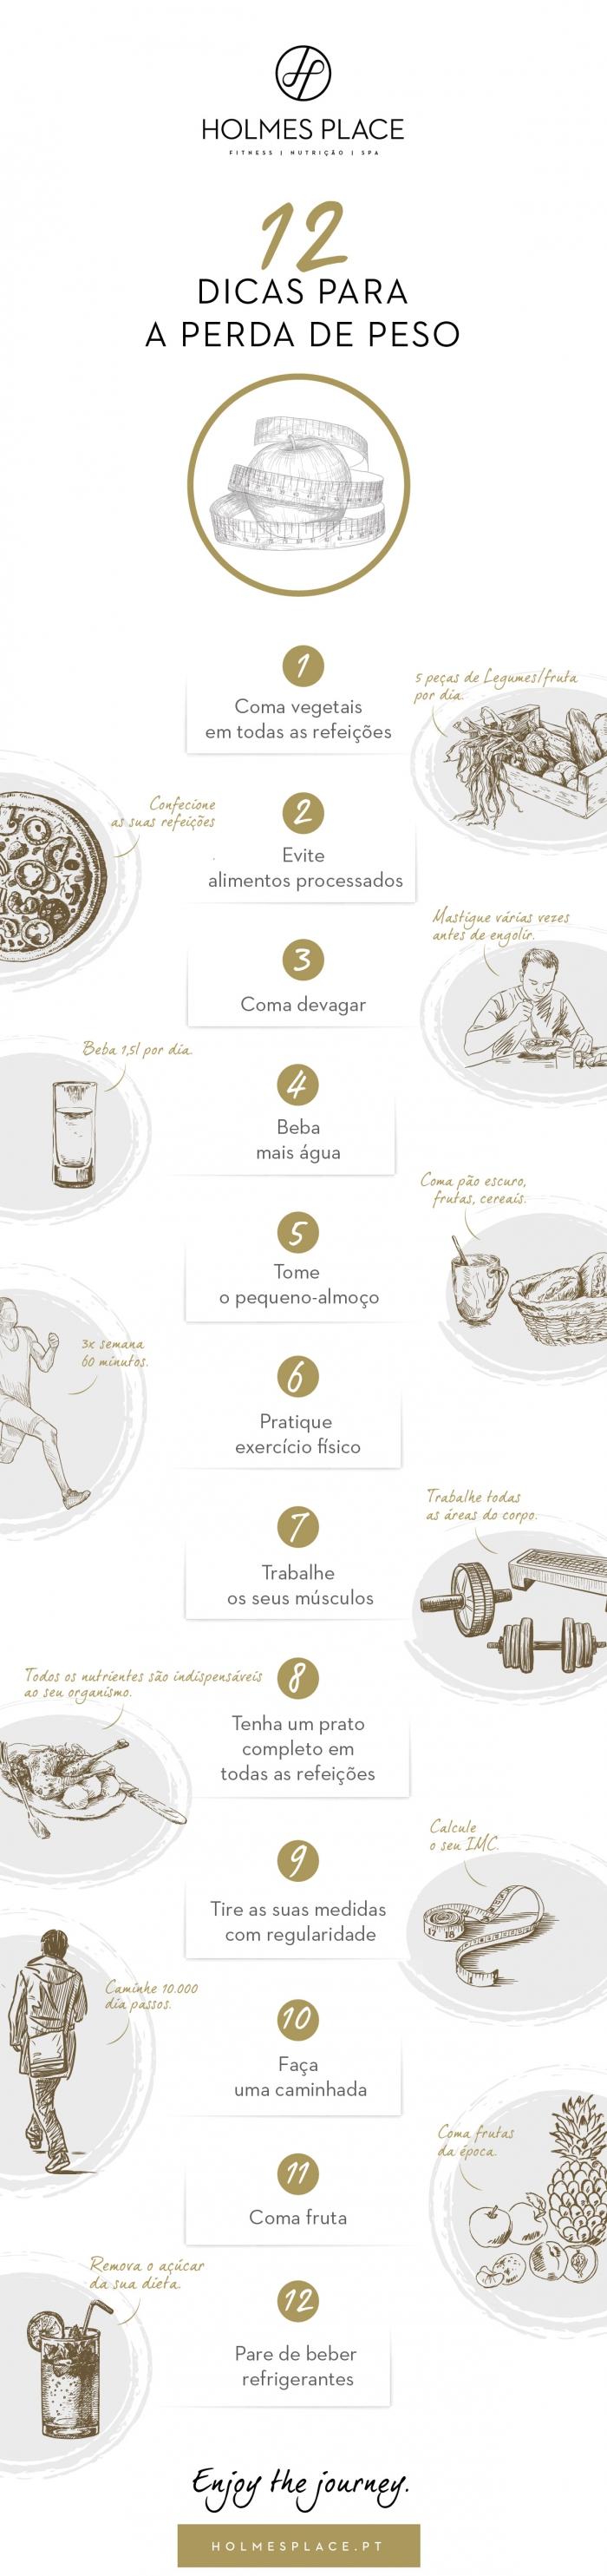 12 dicas para a perda peso